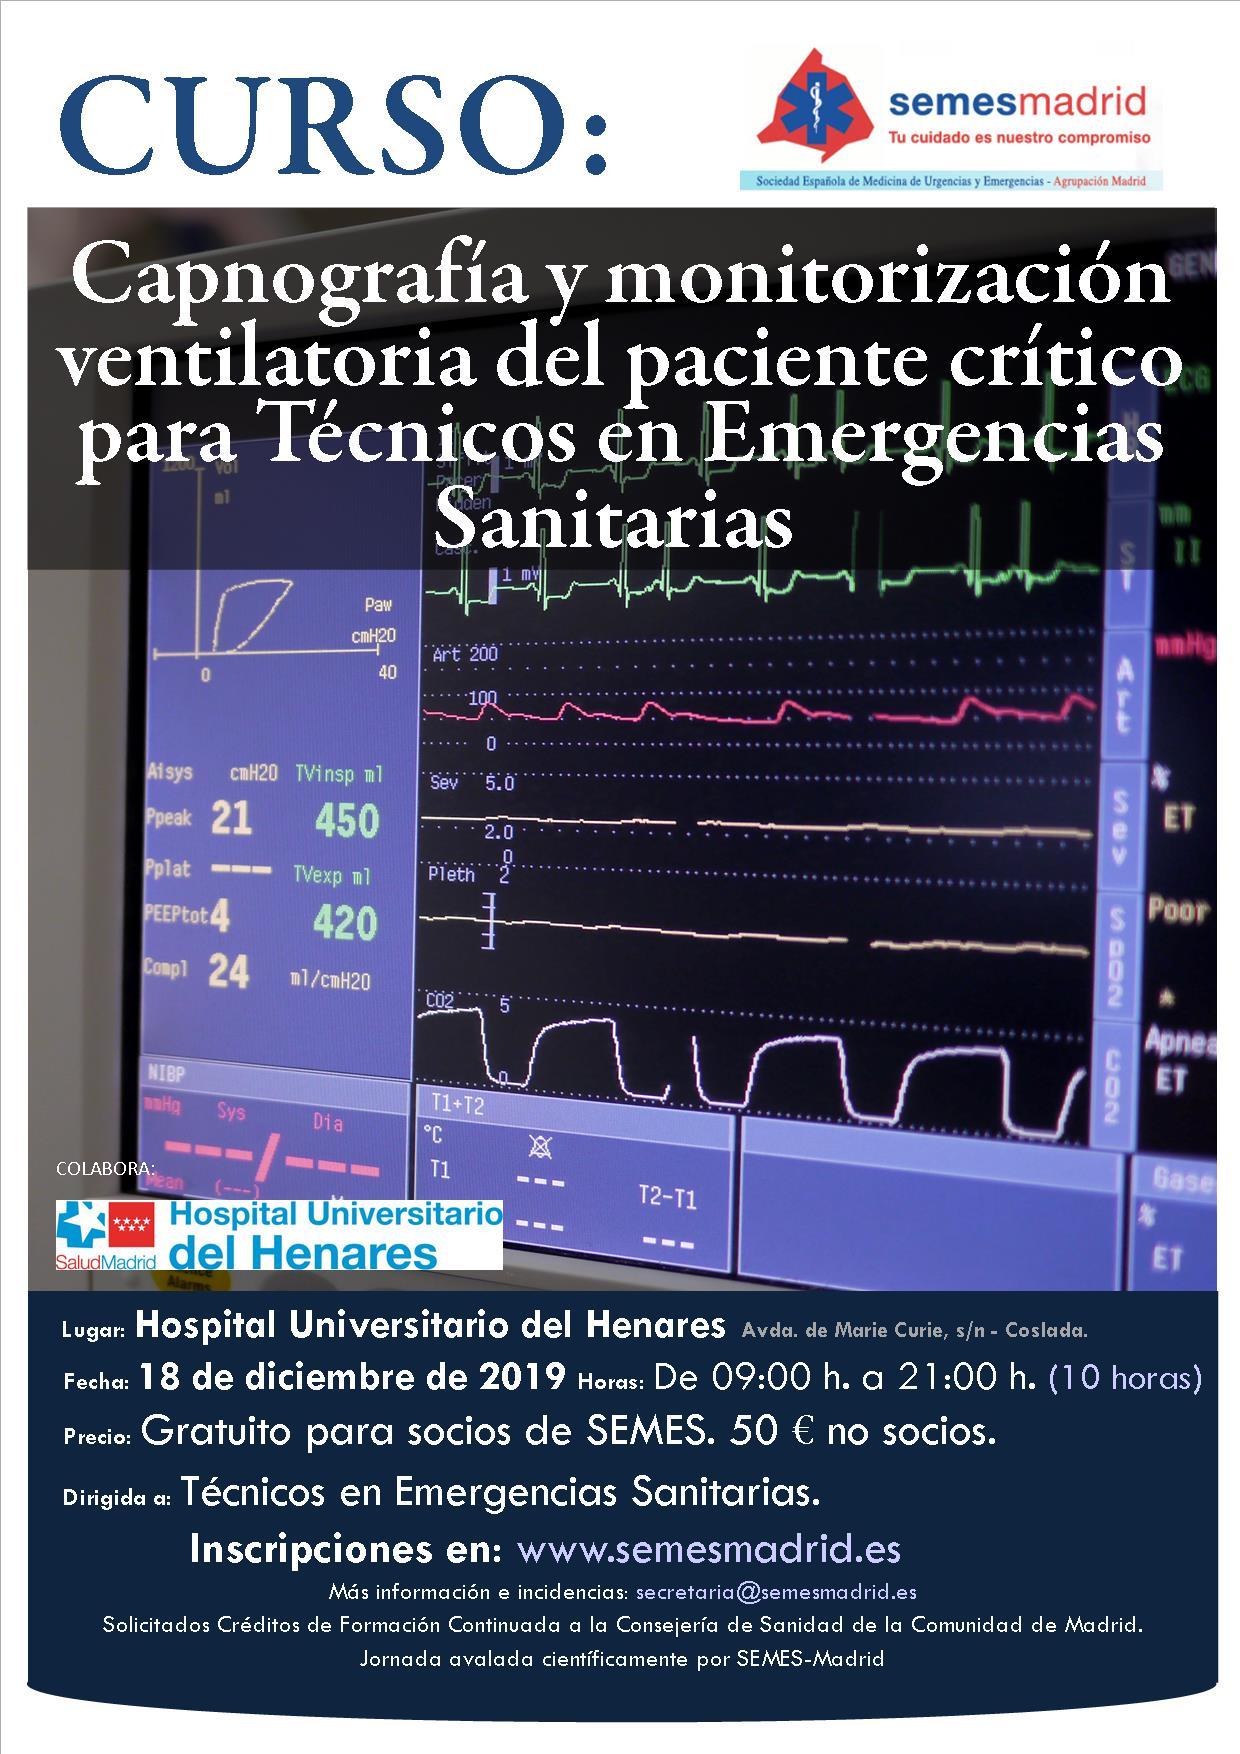 Curso capnografía y monitorización del paciente crítico para TES